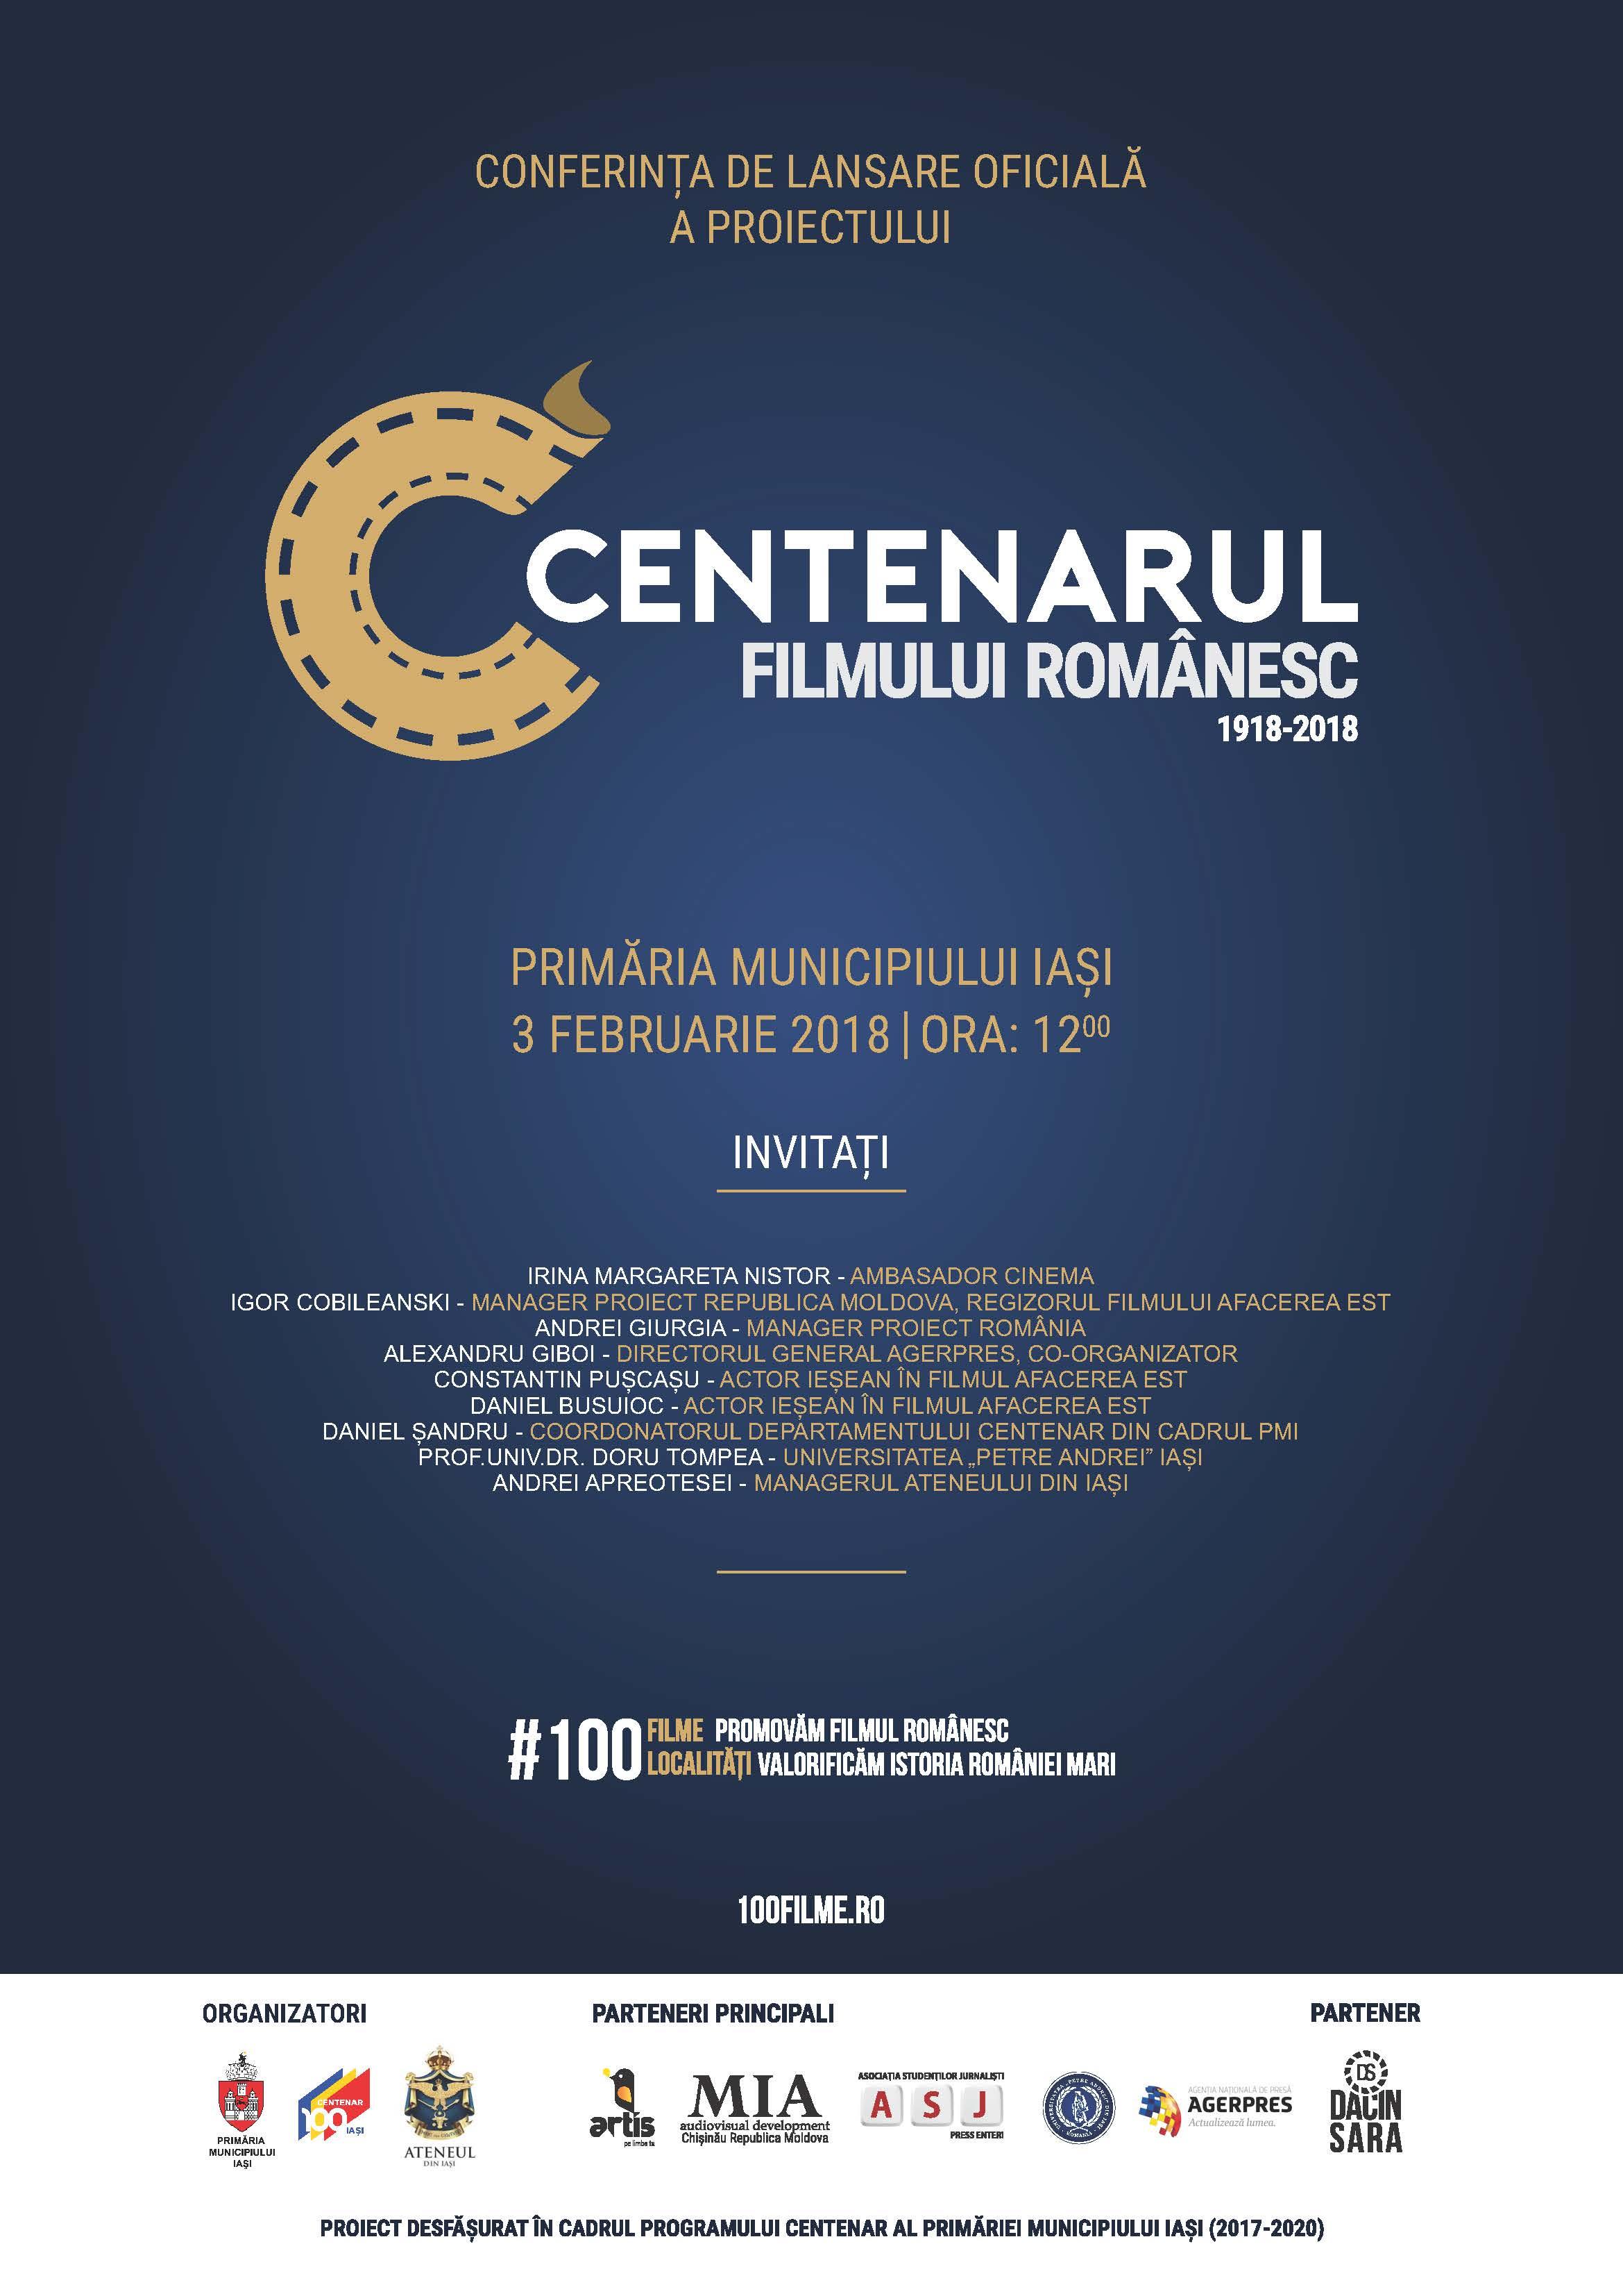 LANSAREA OFICIALĂ A CENTENARULUI FILMULUI ROMÂNESC